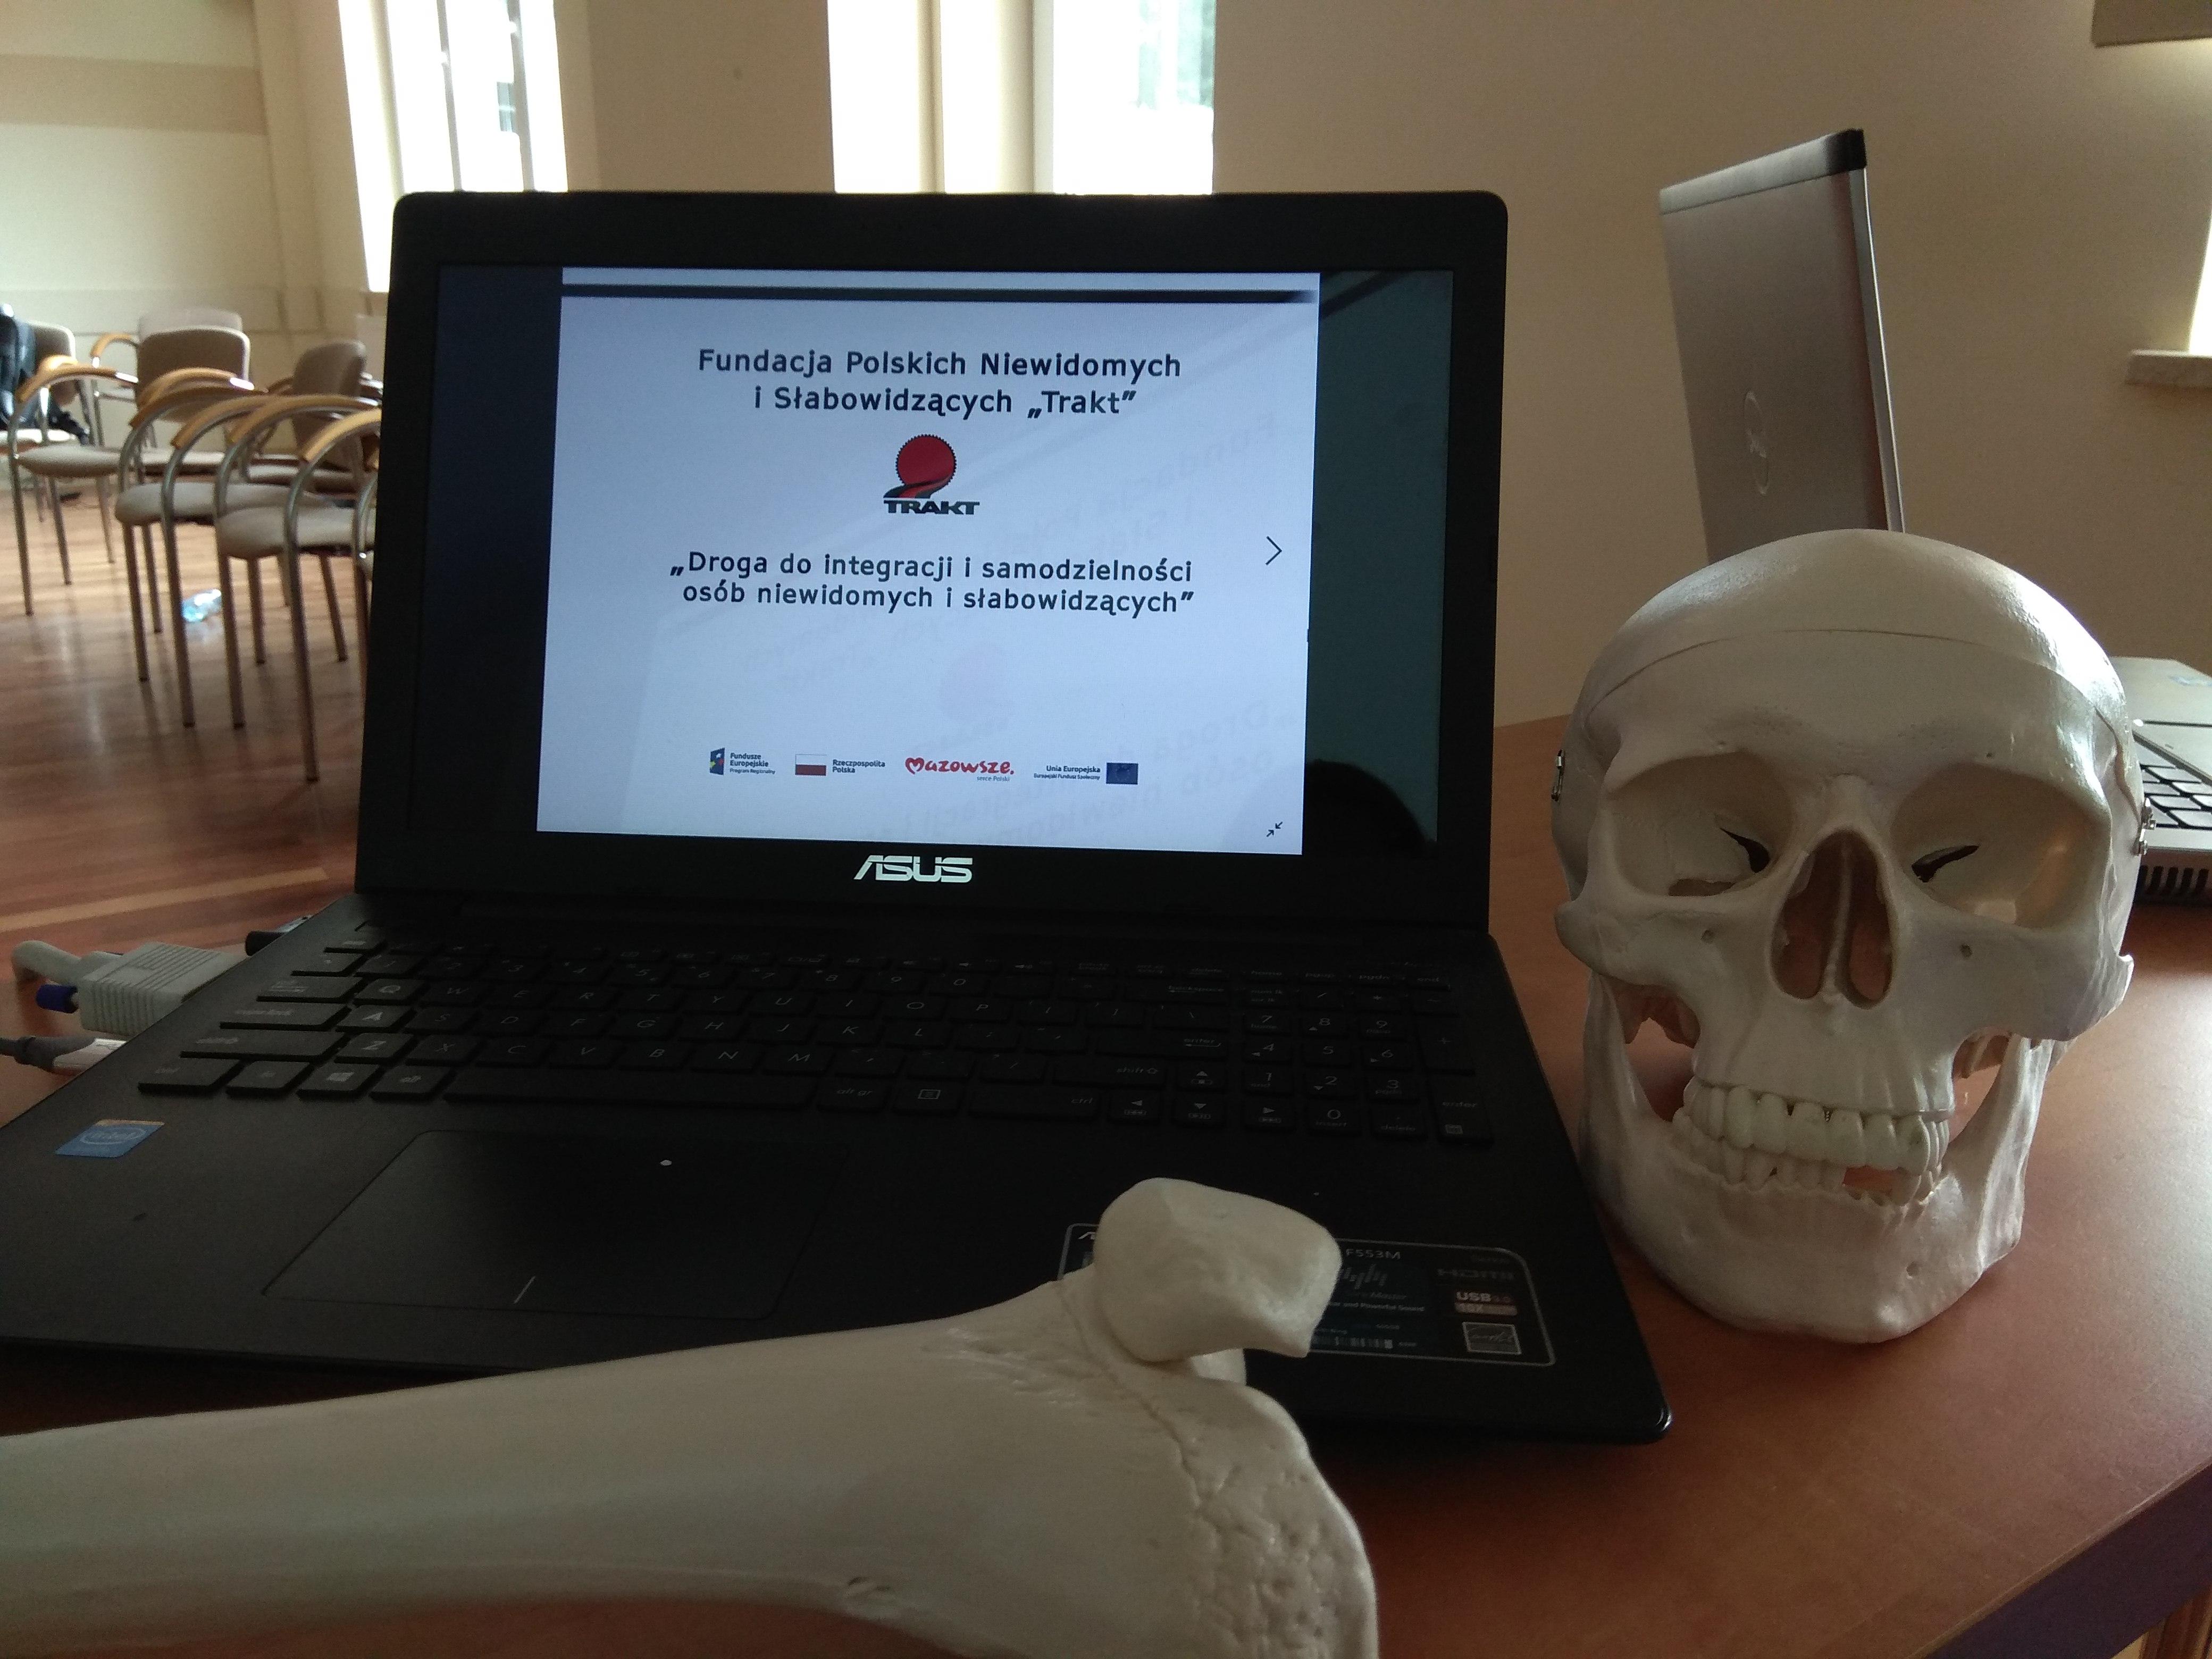 Zbliżenie na laptop z wyświetlonym na ekranie logo fundacji, a obok niego z prawej strony widoczny model czaszki.